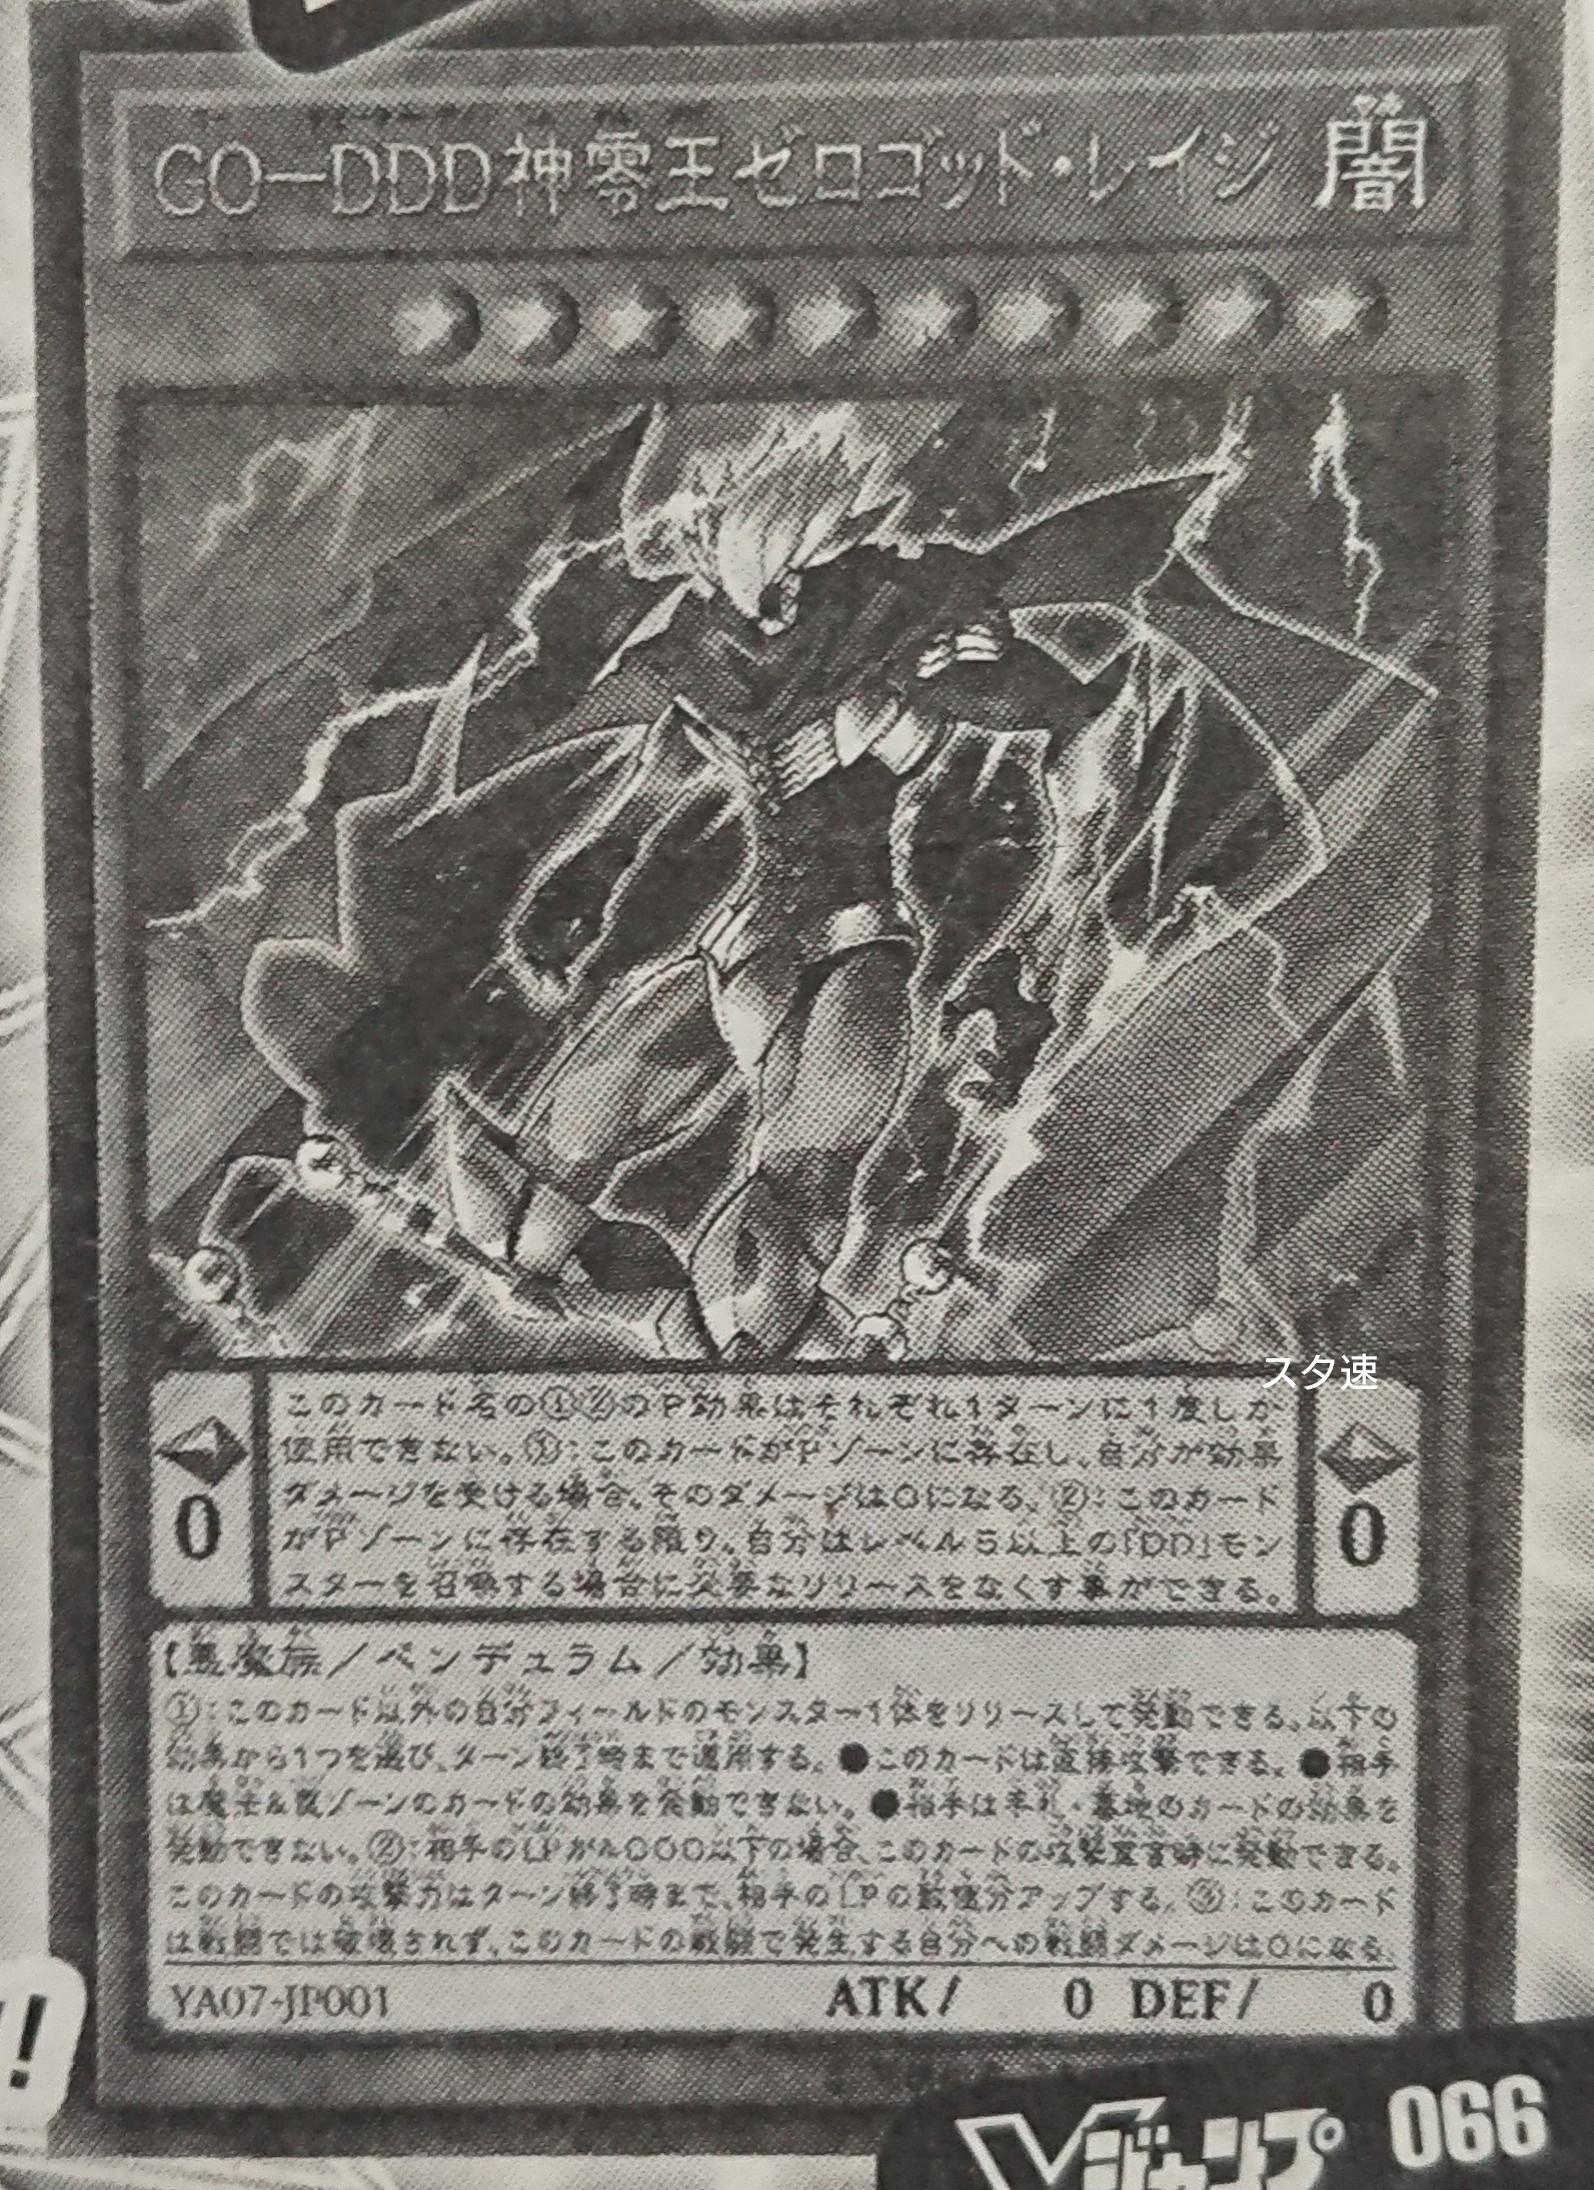 Νέες Κυκλοφορίες στο Yu-Gi-Oh! OCG - Σελίδα 49 18cc4c10